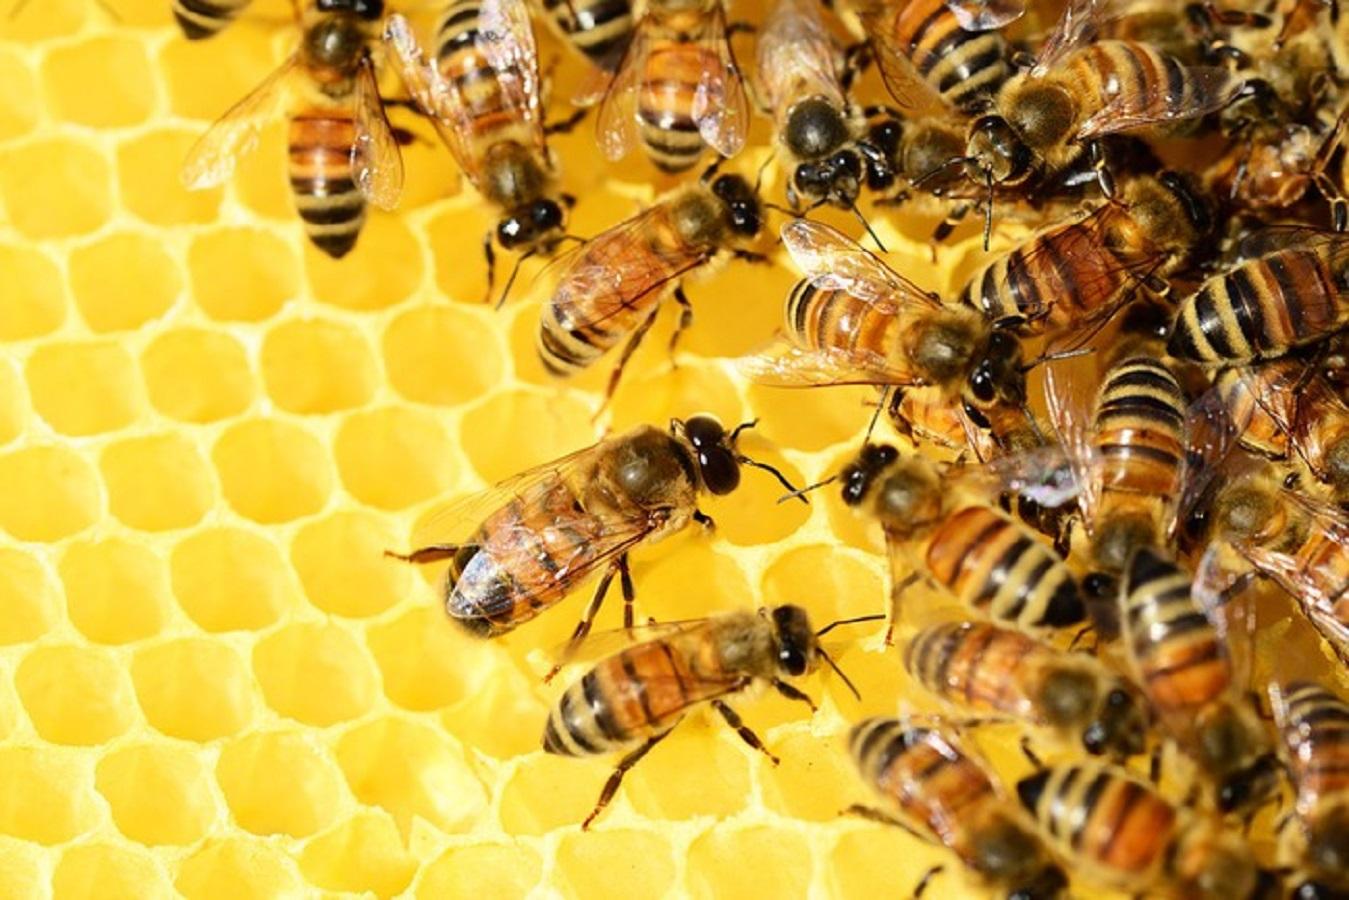 Tumore al seno, veleno delle api può uccidere cellule cancerose